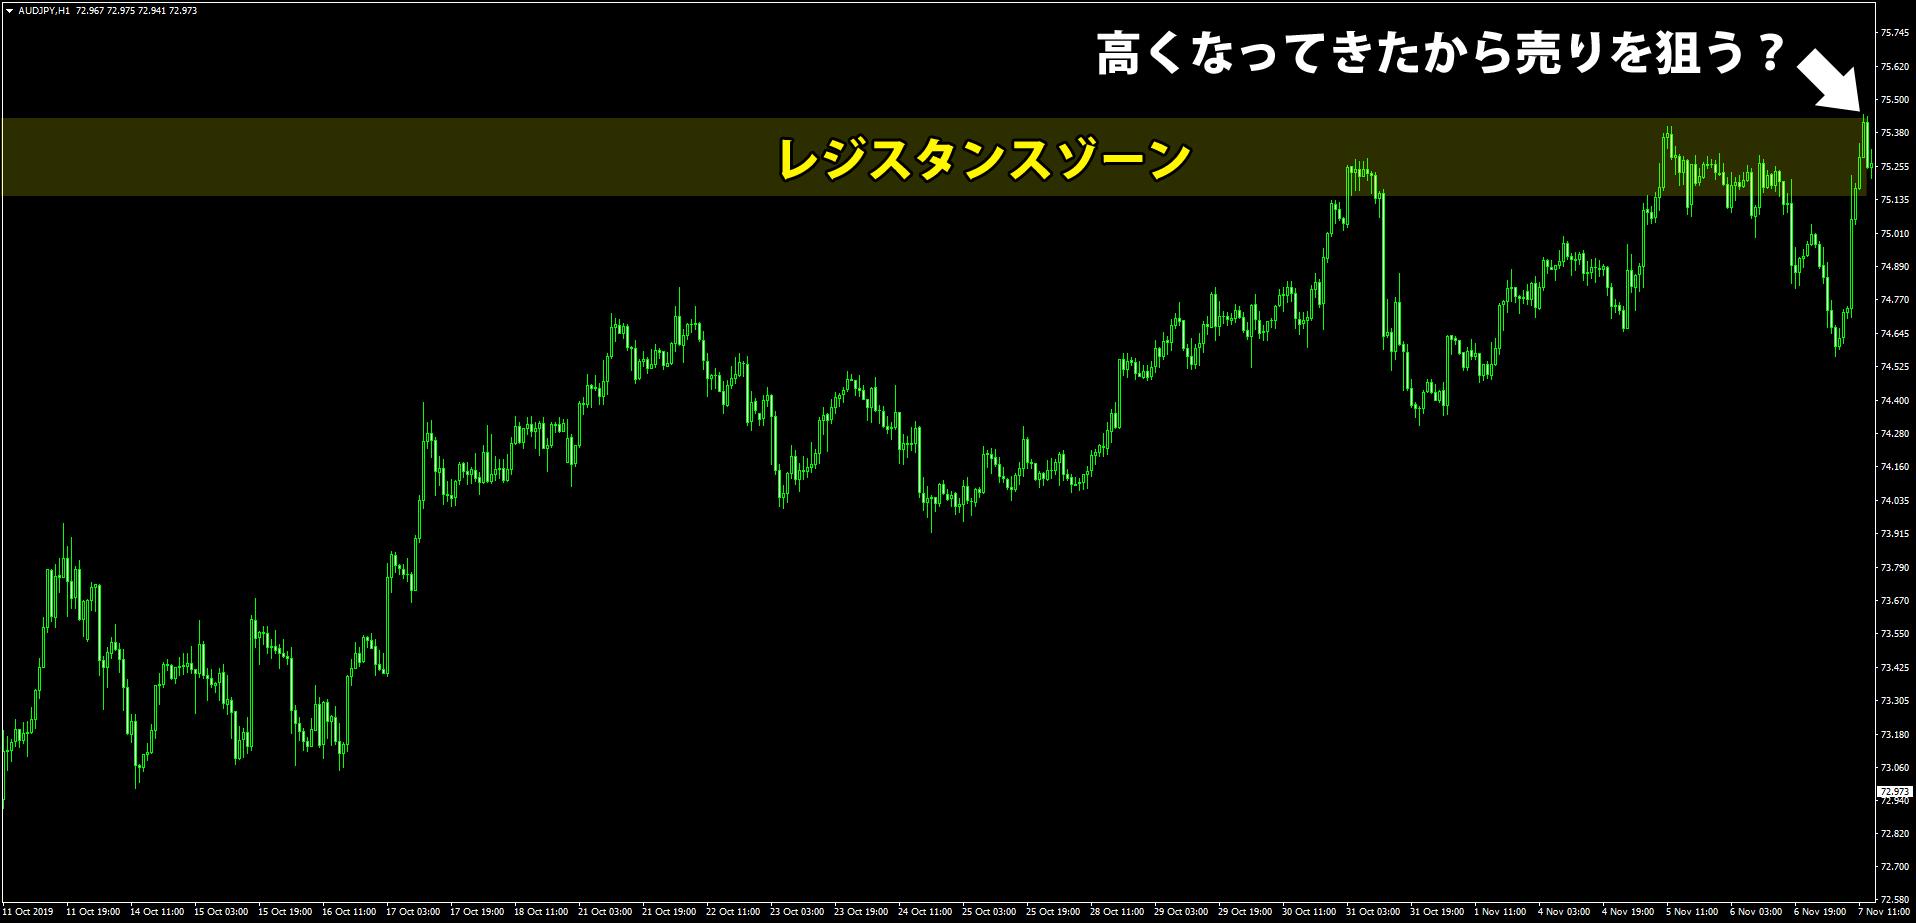 オージー円1時間足のチャート